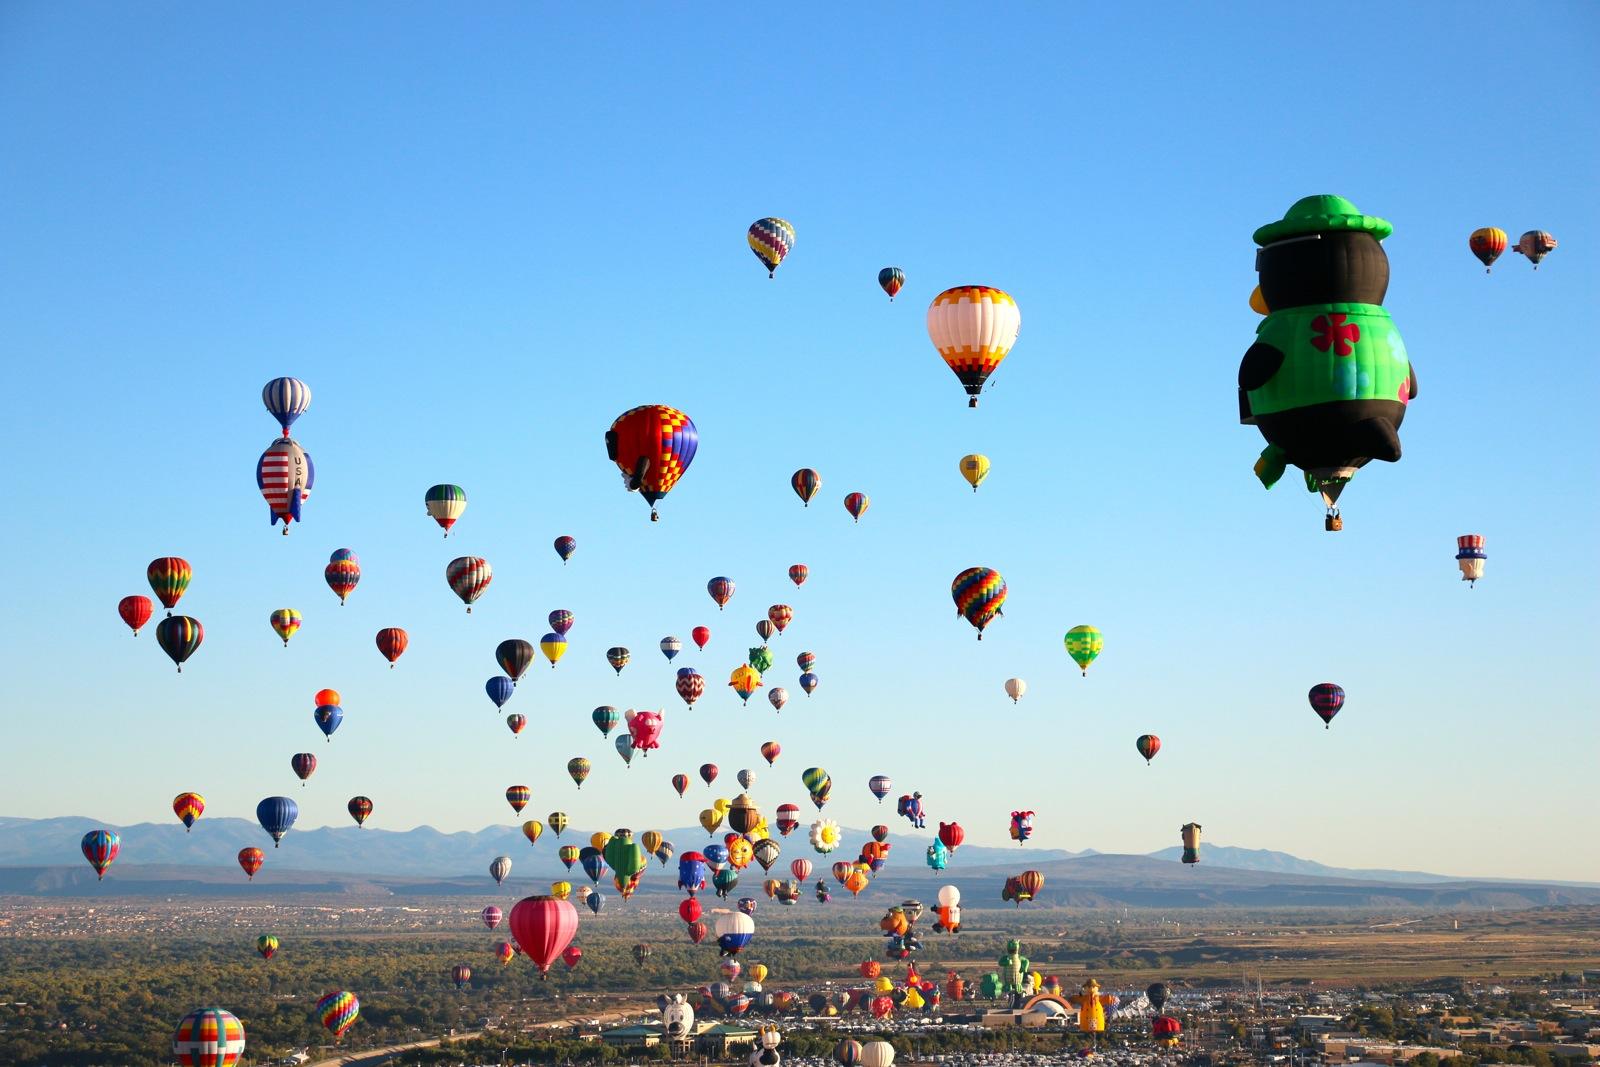 Albuquerque_International_Balloon_Fiesta_2013_Art_Gimbel - 23